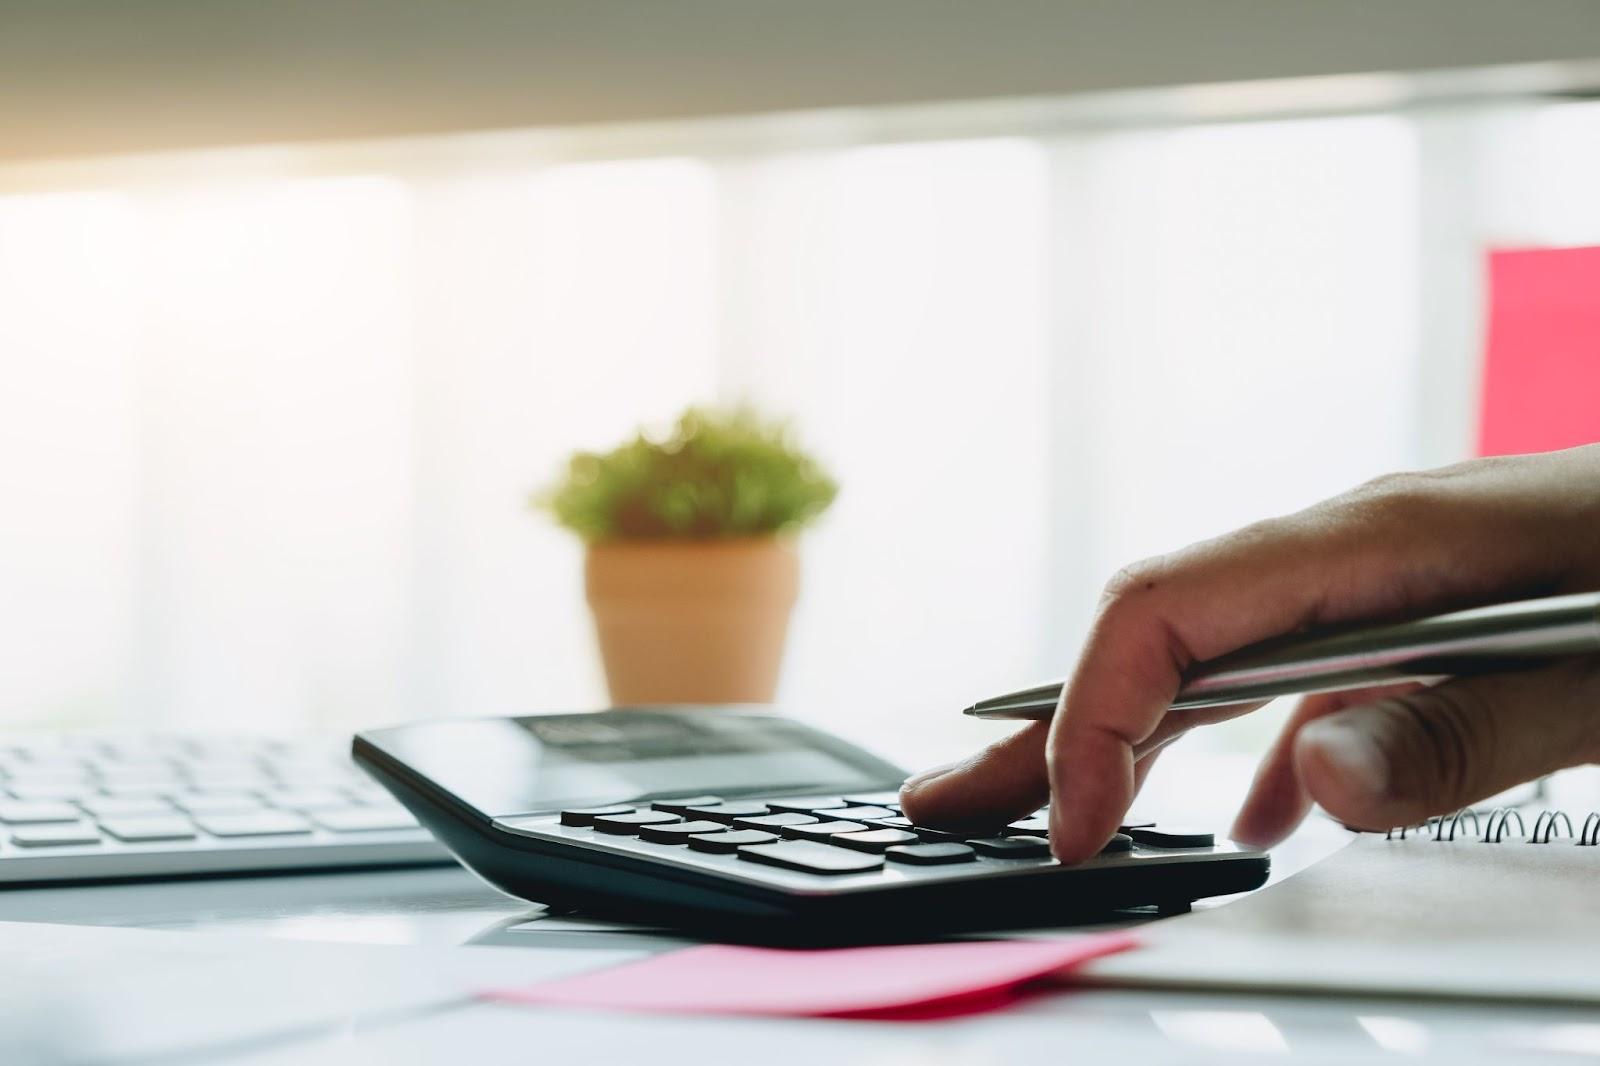 финансовые показатели предприятия